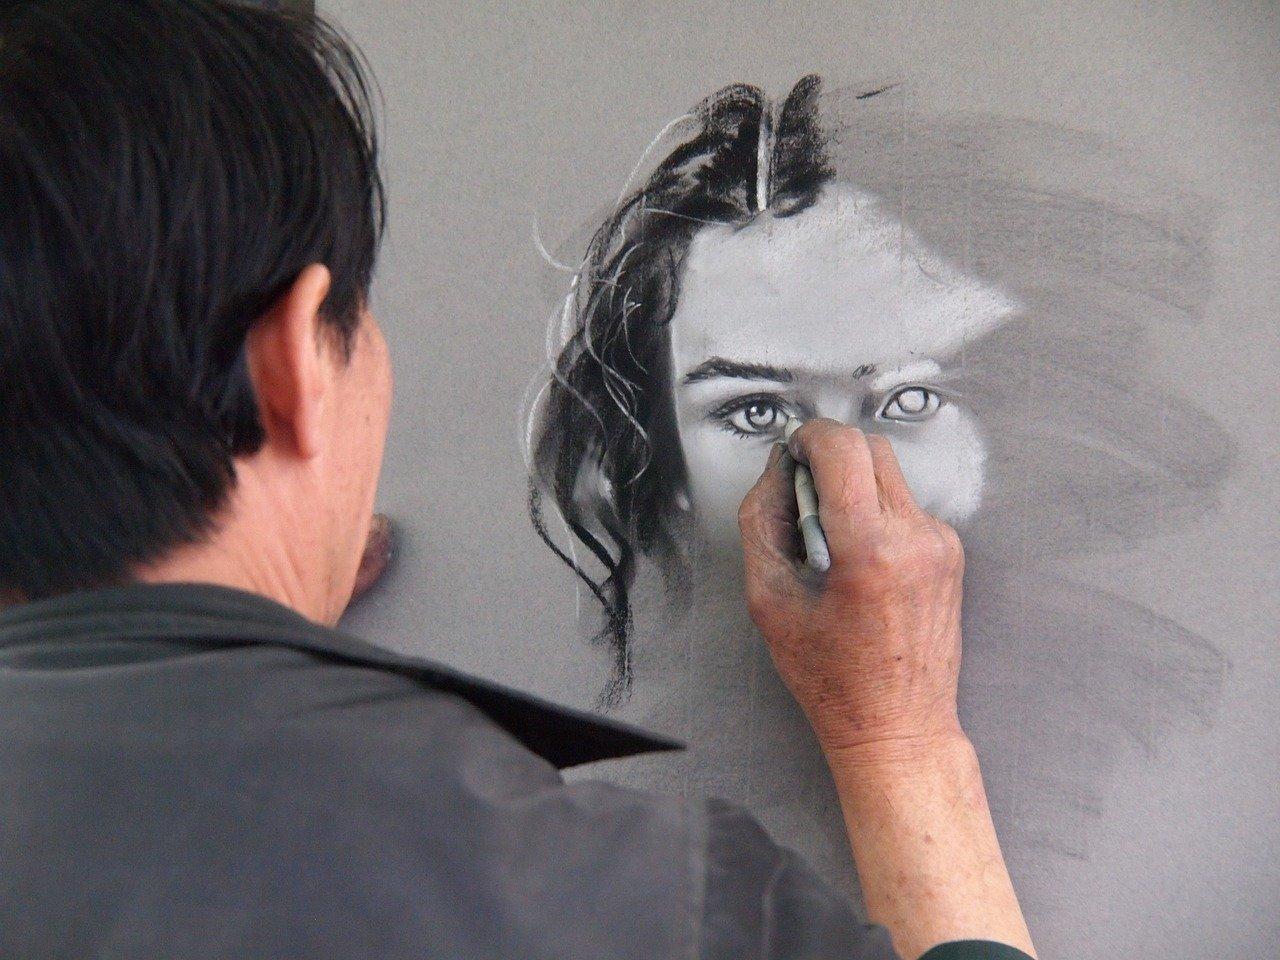 Laboratori-Creativi-per-Disabili 5 attività creative per disabili